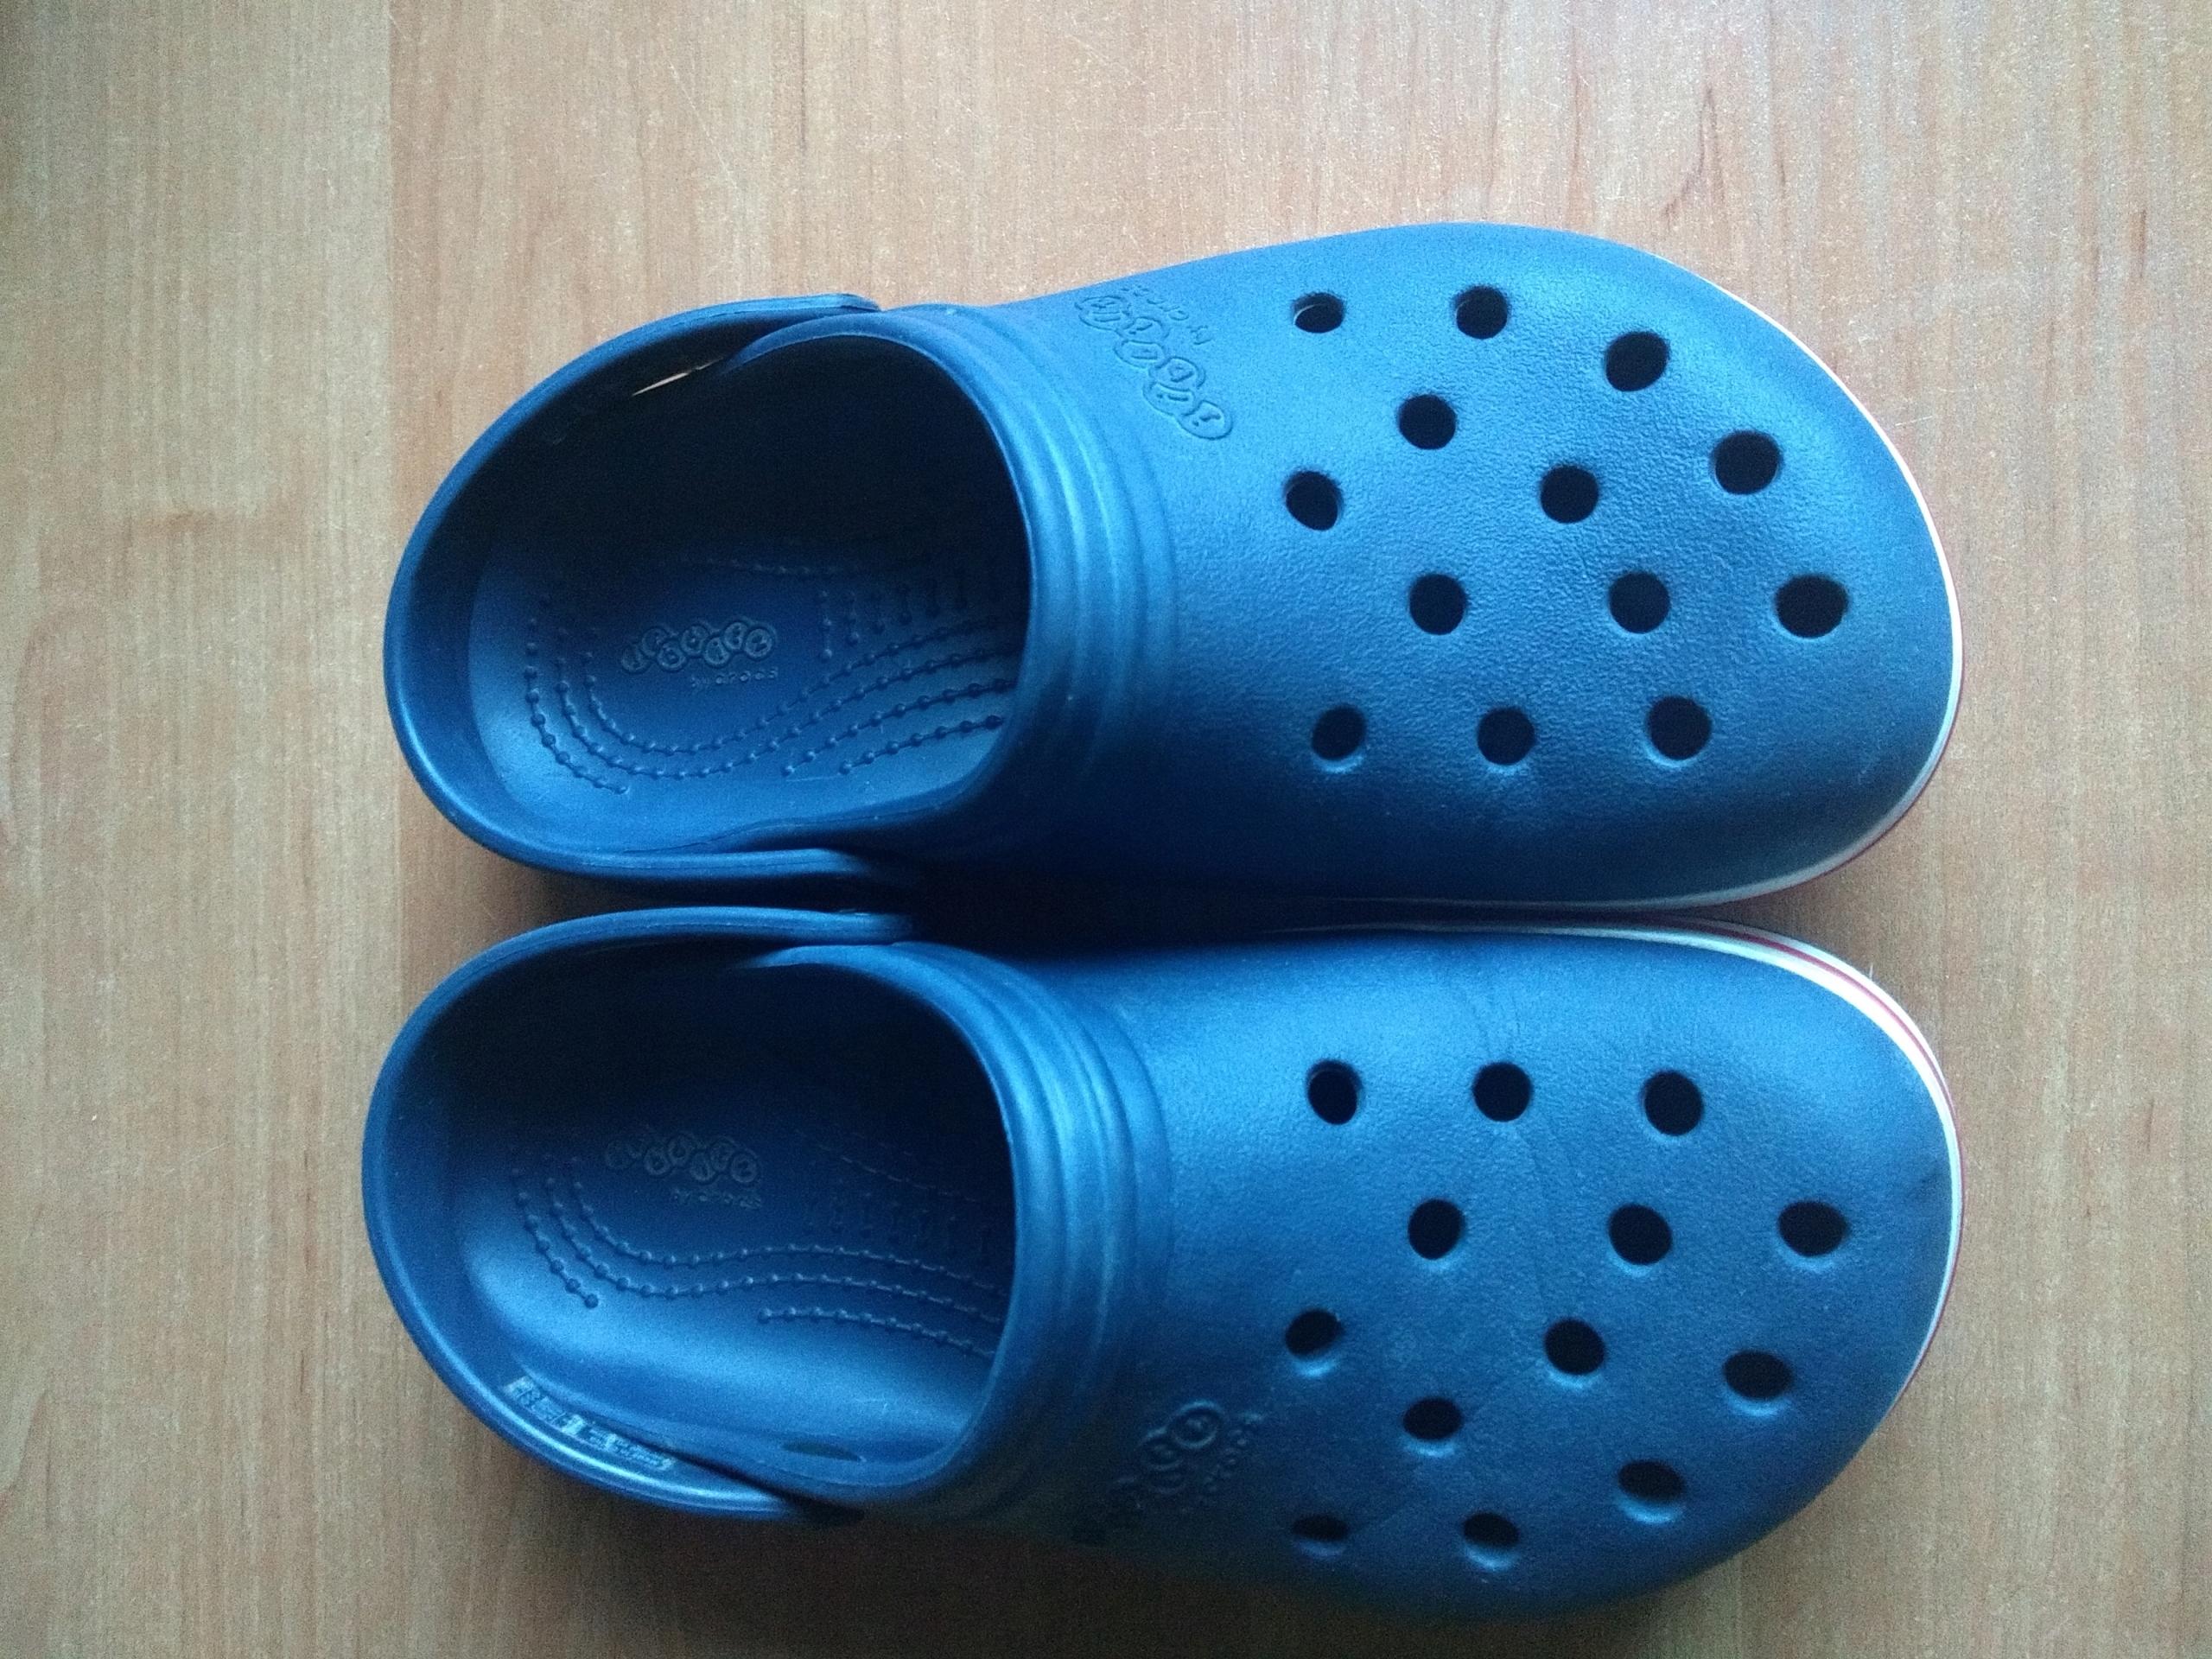 Crocsy granatowe rozmiar 33/34